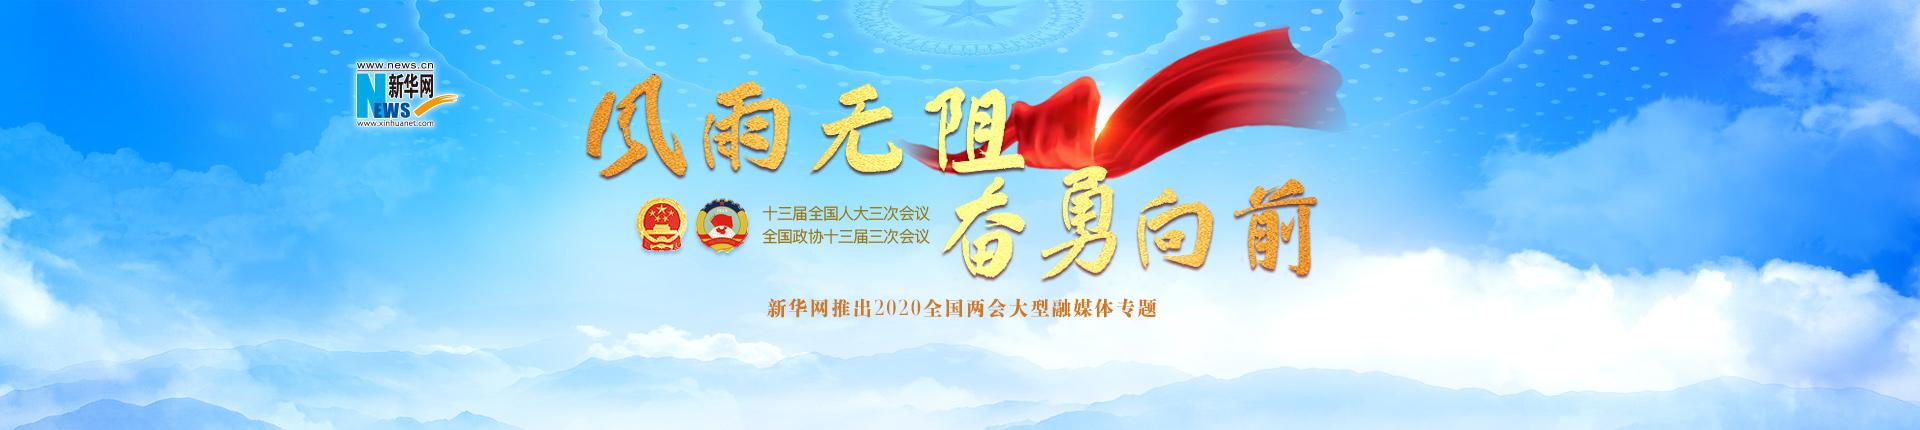 新華網推出2020全國兩會大型融媒體專題